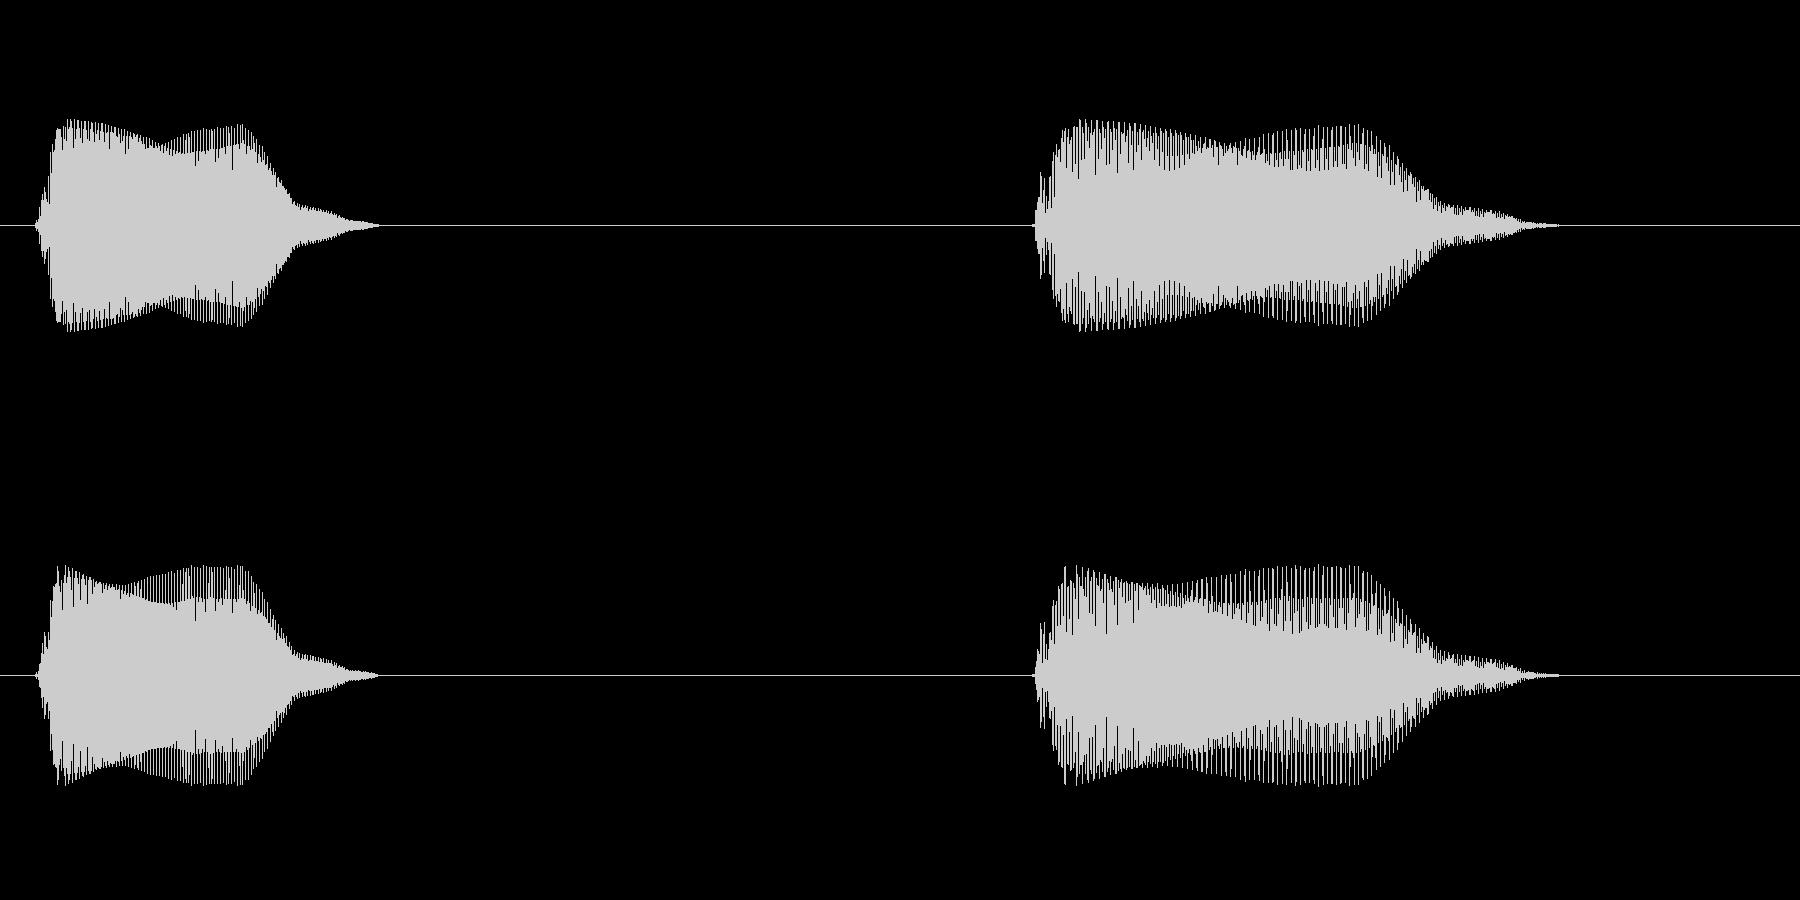 ぺ・プェ(穏やかで肯定的な効果音)の未再生の波形